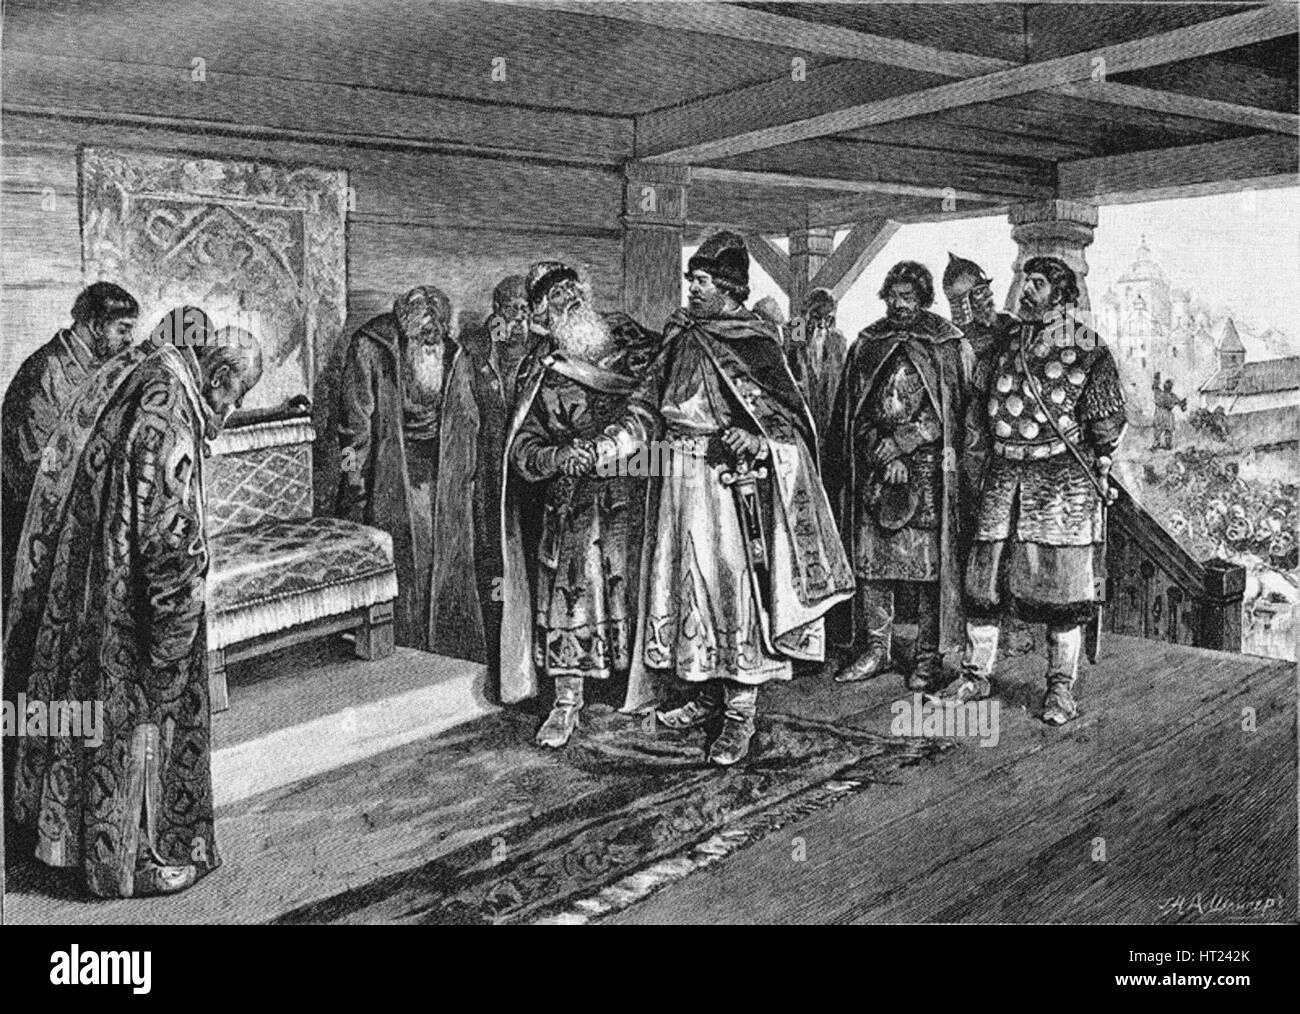 Iziaslav II Mstislavich and Viacheslav I Vladimirovich, 1890. Artist: Lebedev, Klavdi Vasilyevich (1852-1916) - Stock Image